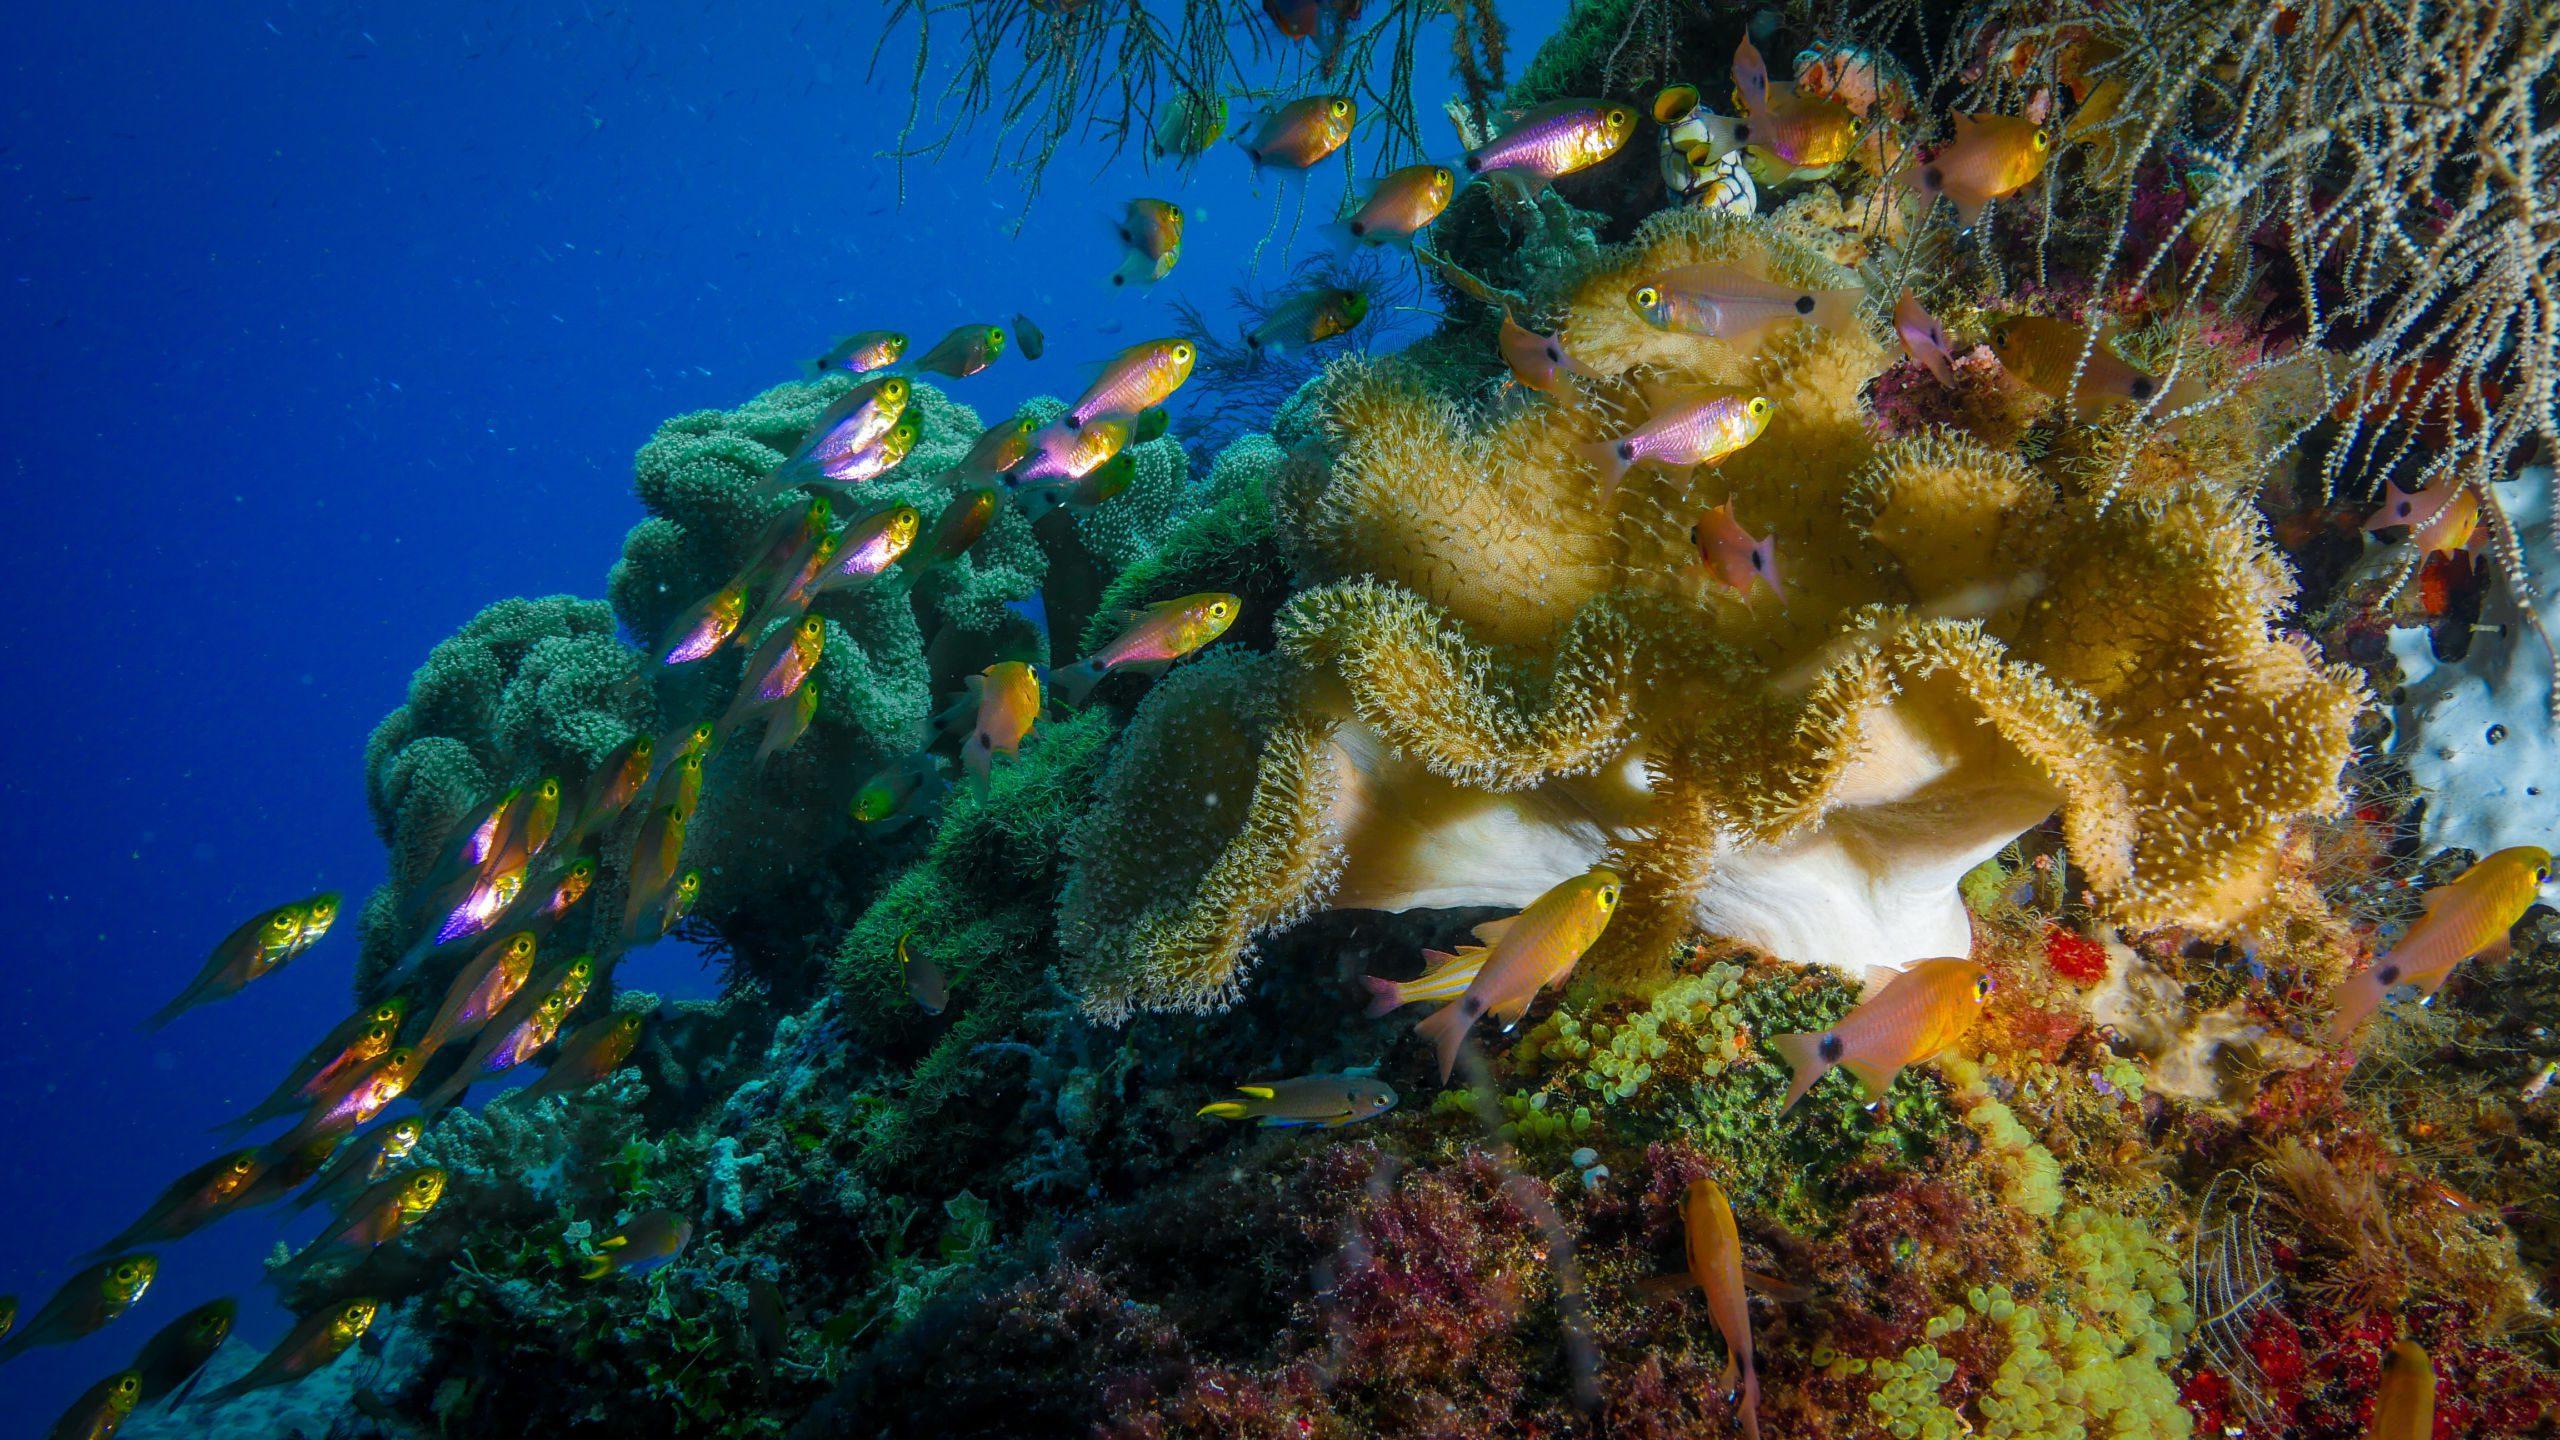 Incredible Schooling Fish